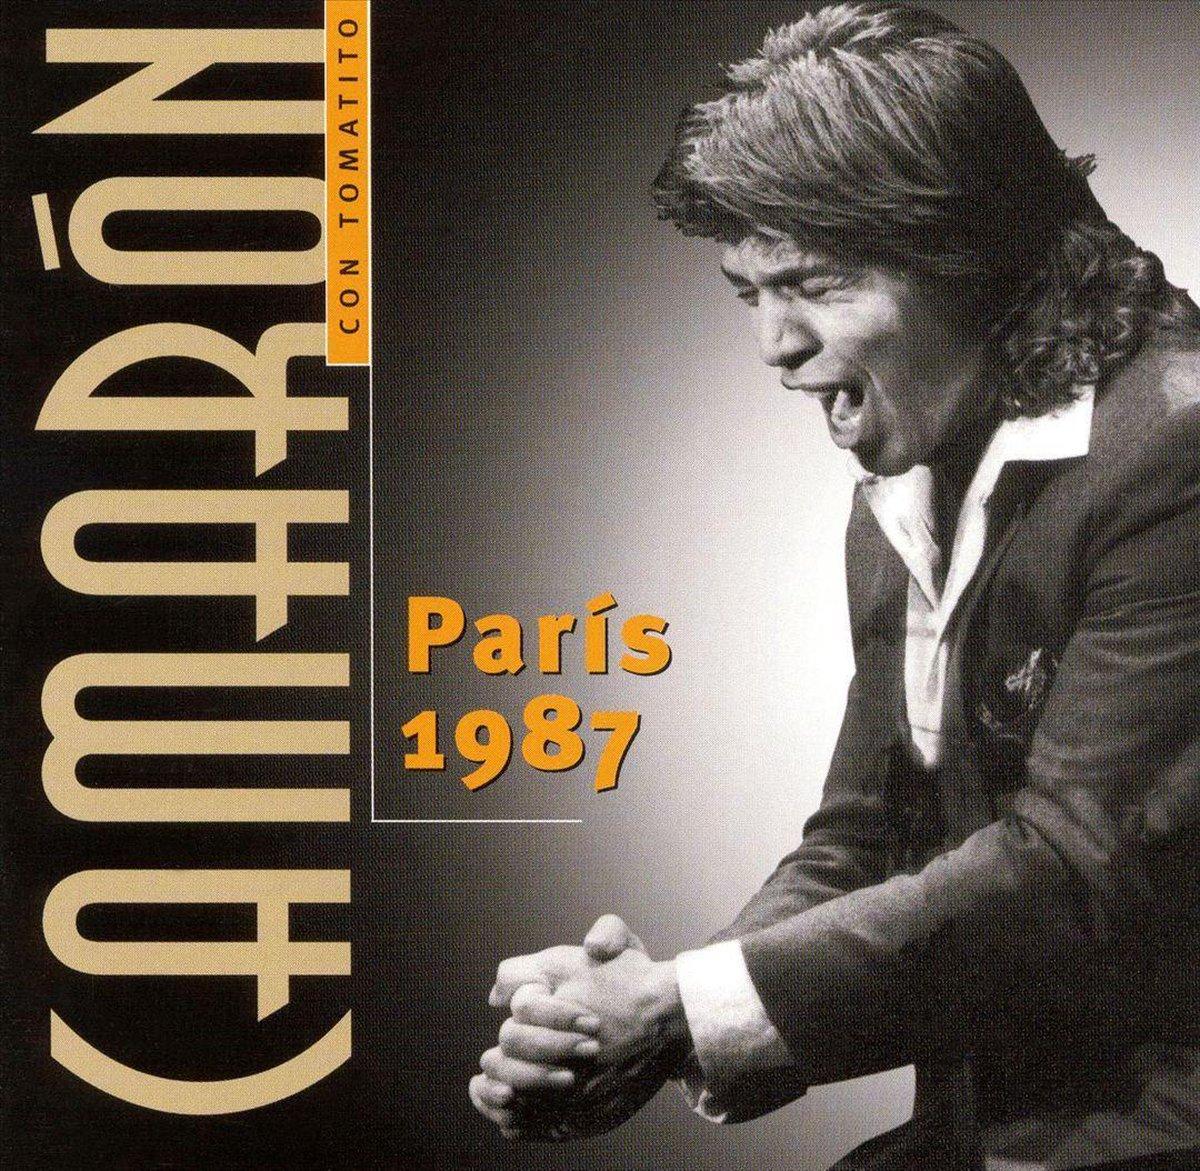 Camaron Con Tomatito Paris 1987 - Camaron